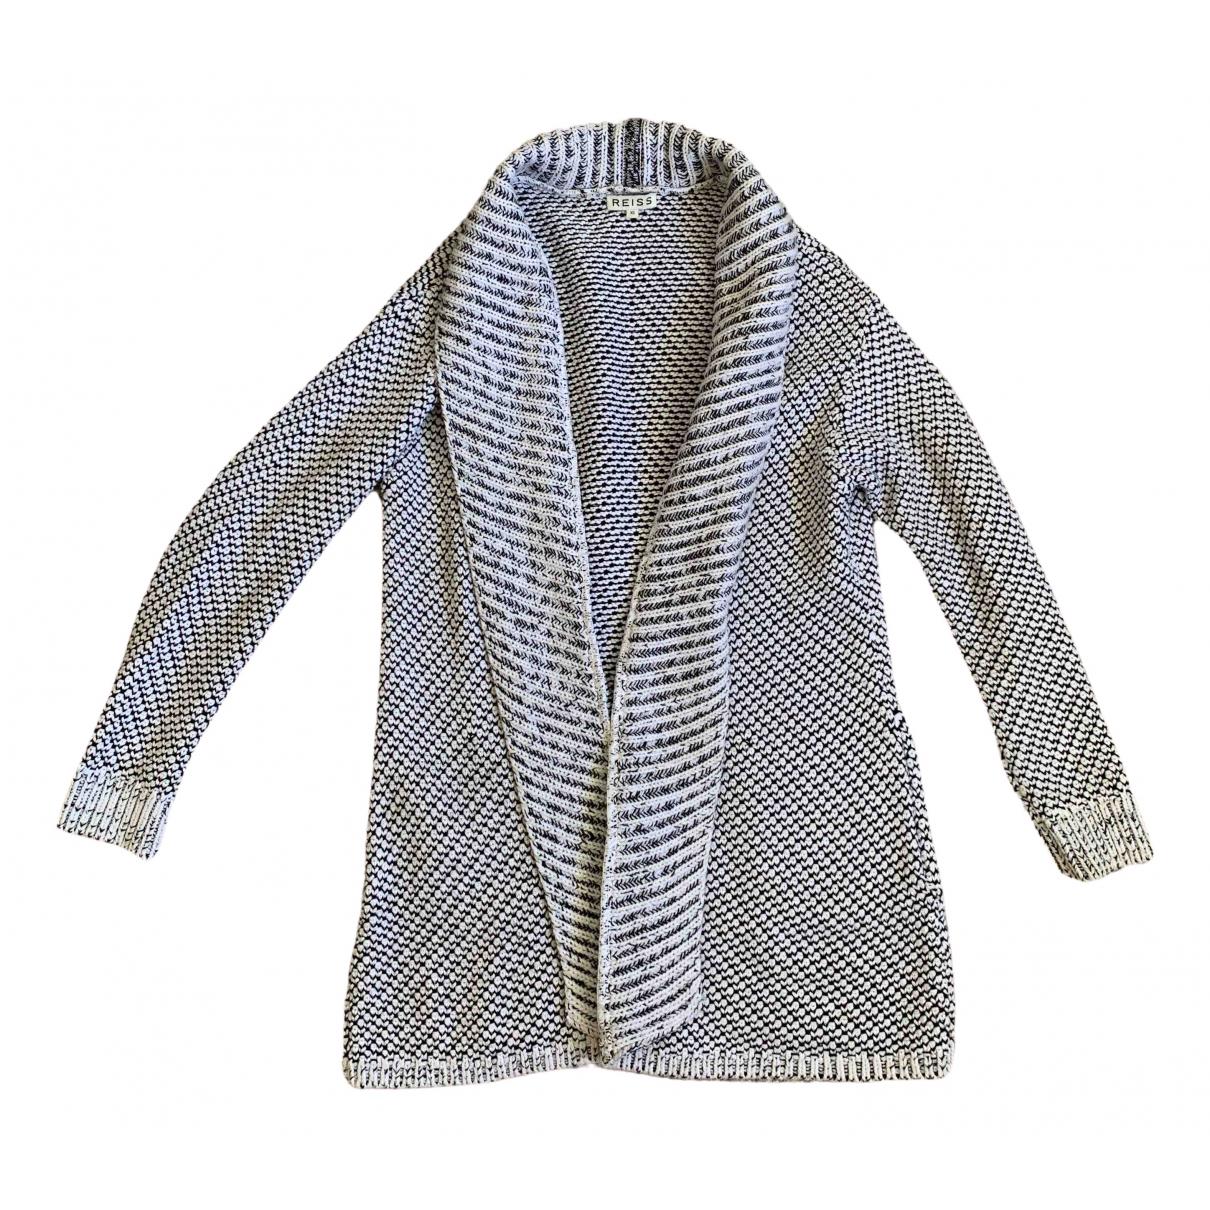 Reiss \N Black Cotton Knitwear for Women XS International